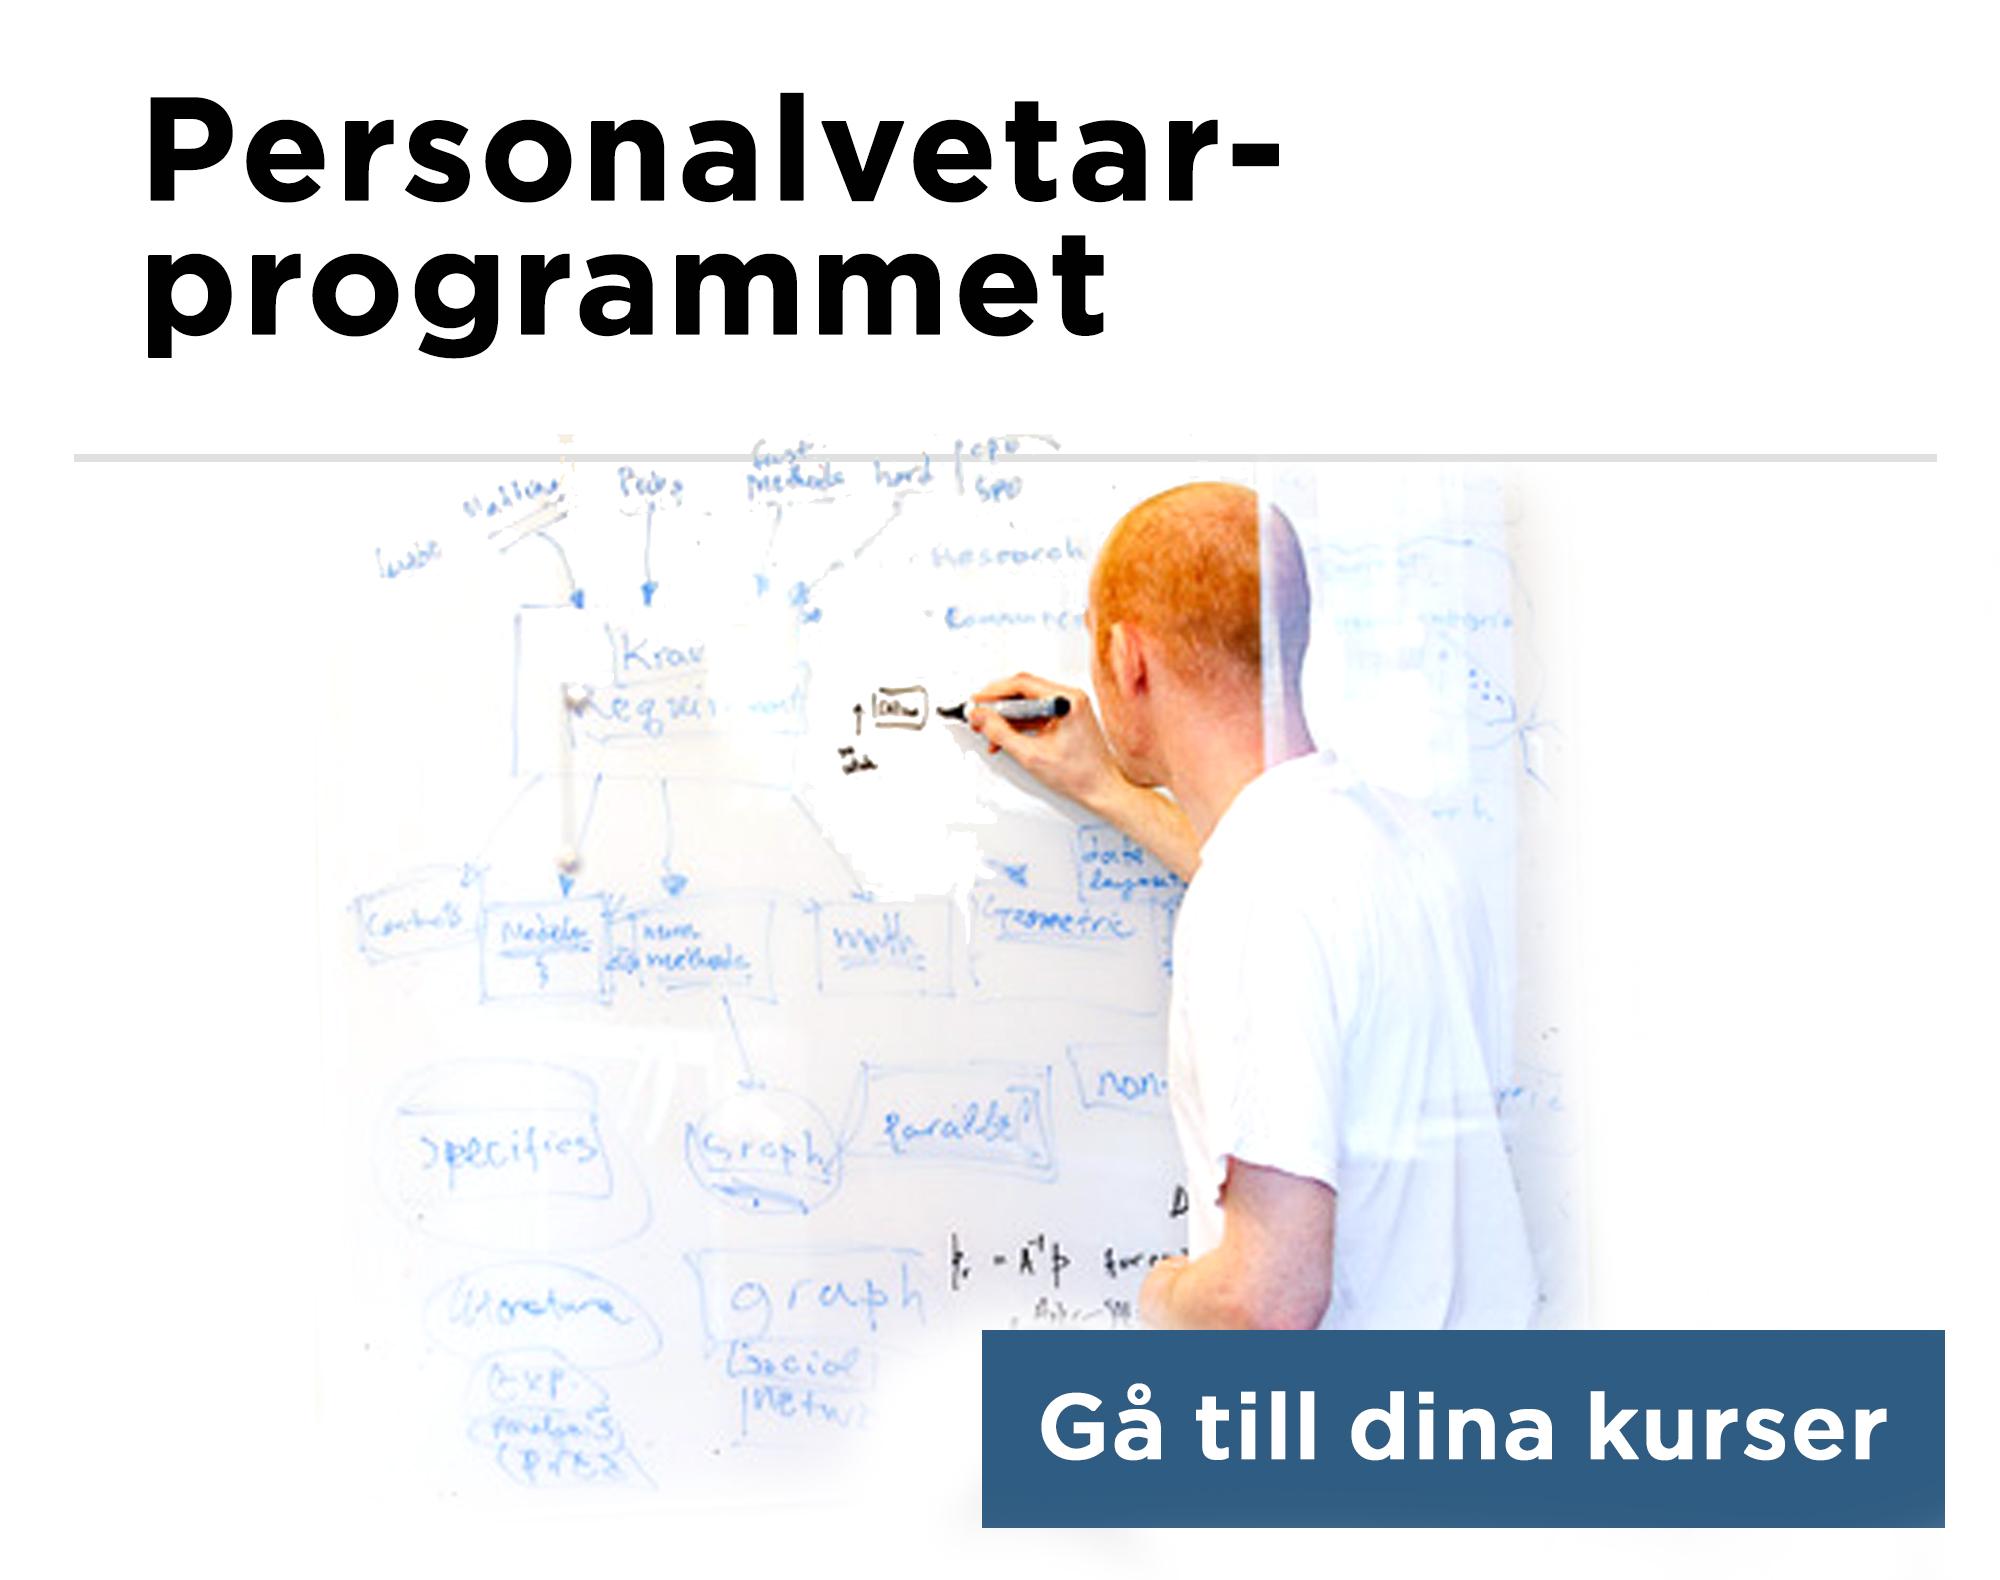 Personalvetarprogrammet